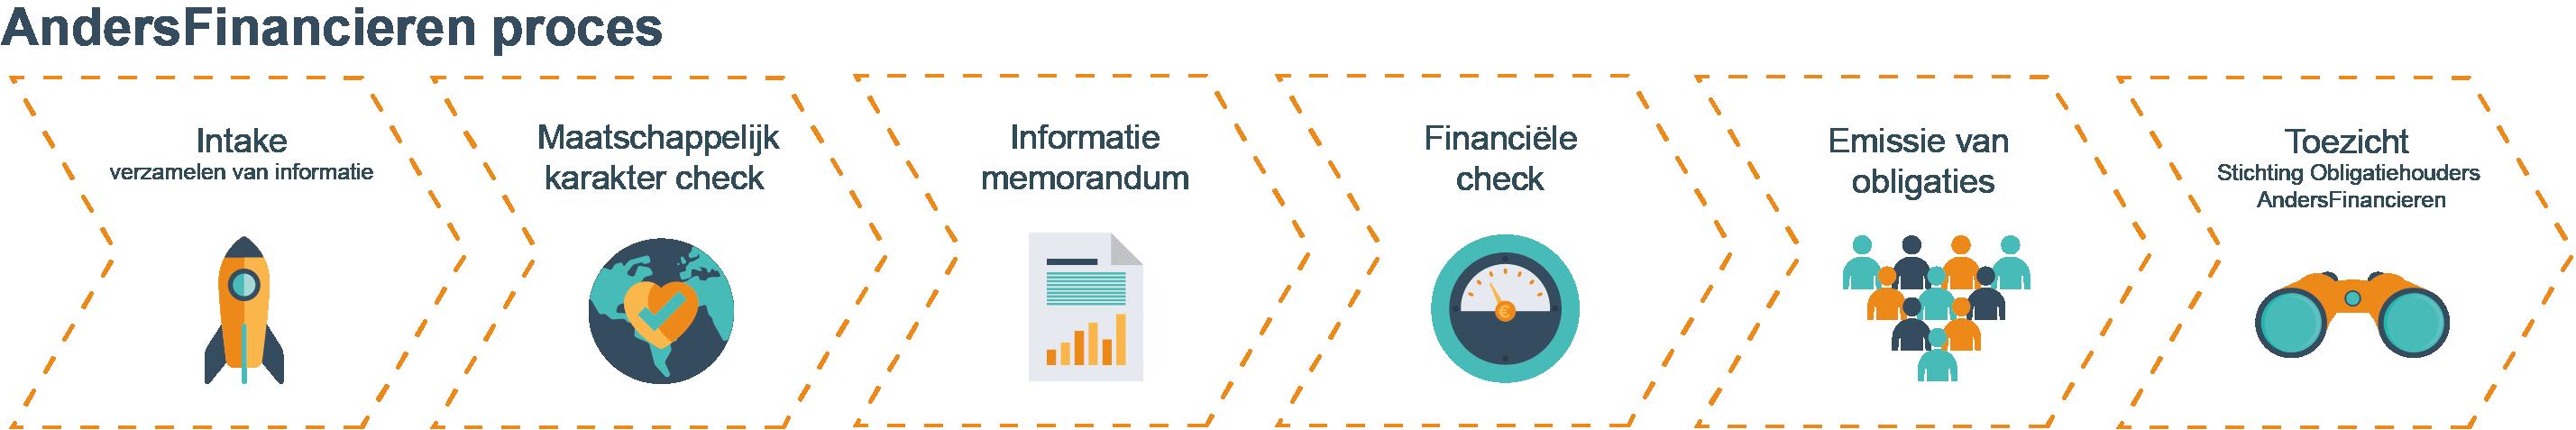 Het AndersFinancieren proces